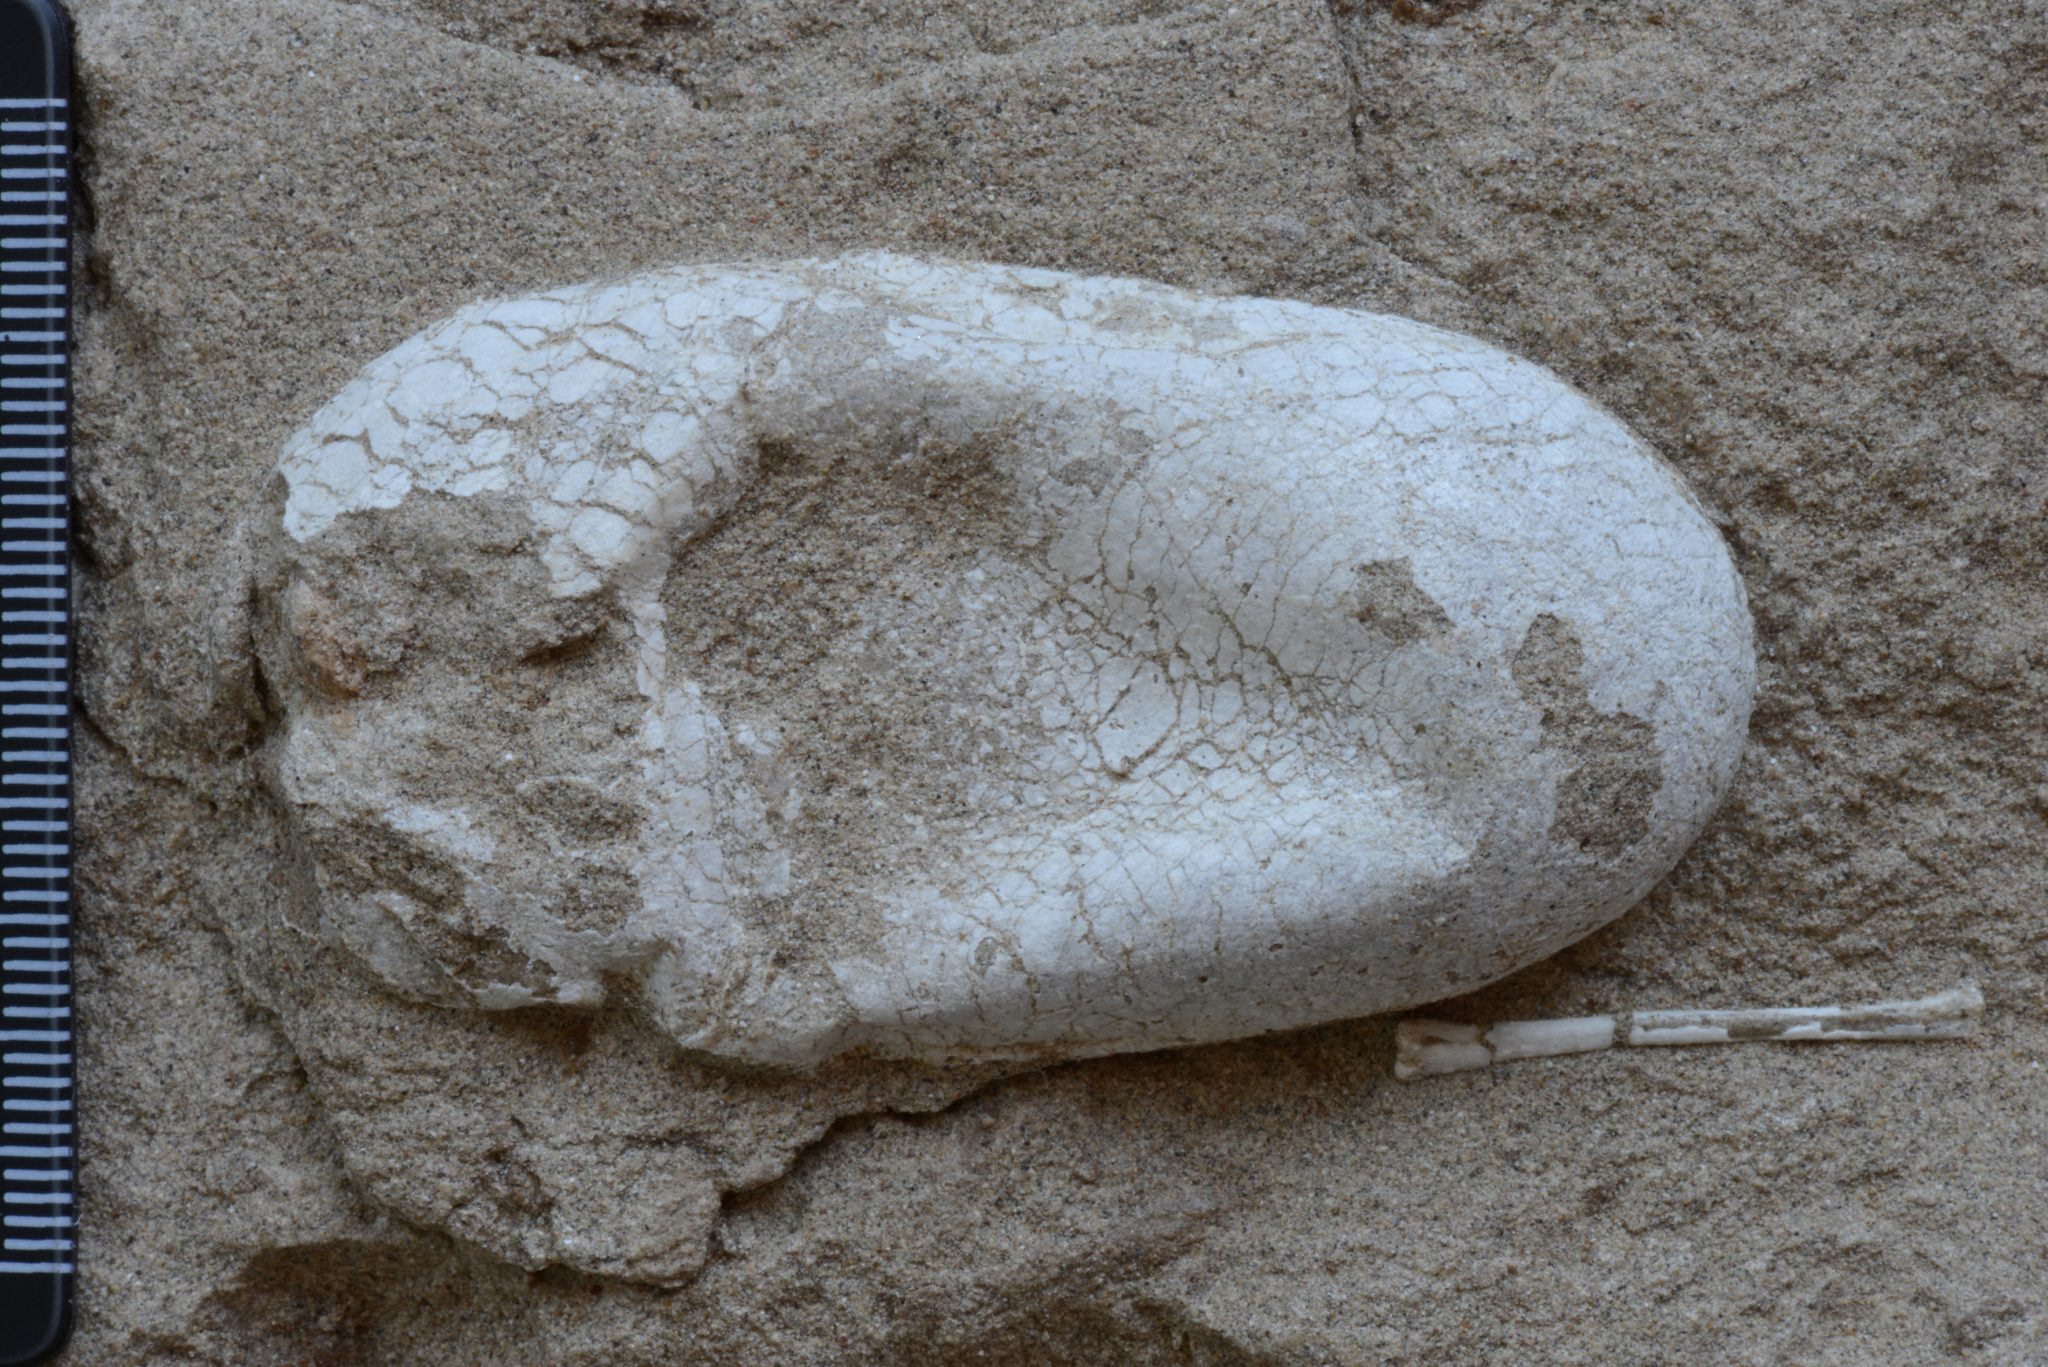 De Droom Van Elke Paleontoloog: Honderden Pterosauriër Eieren Gevonden In China